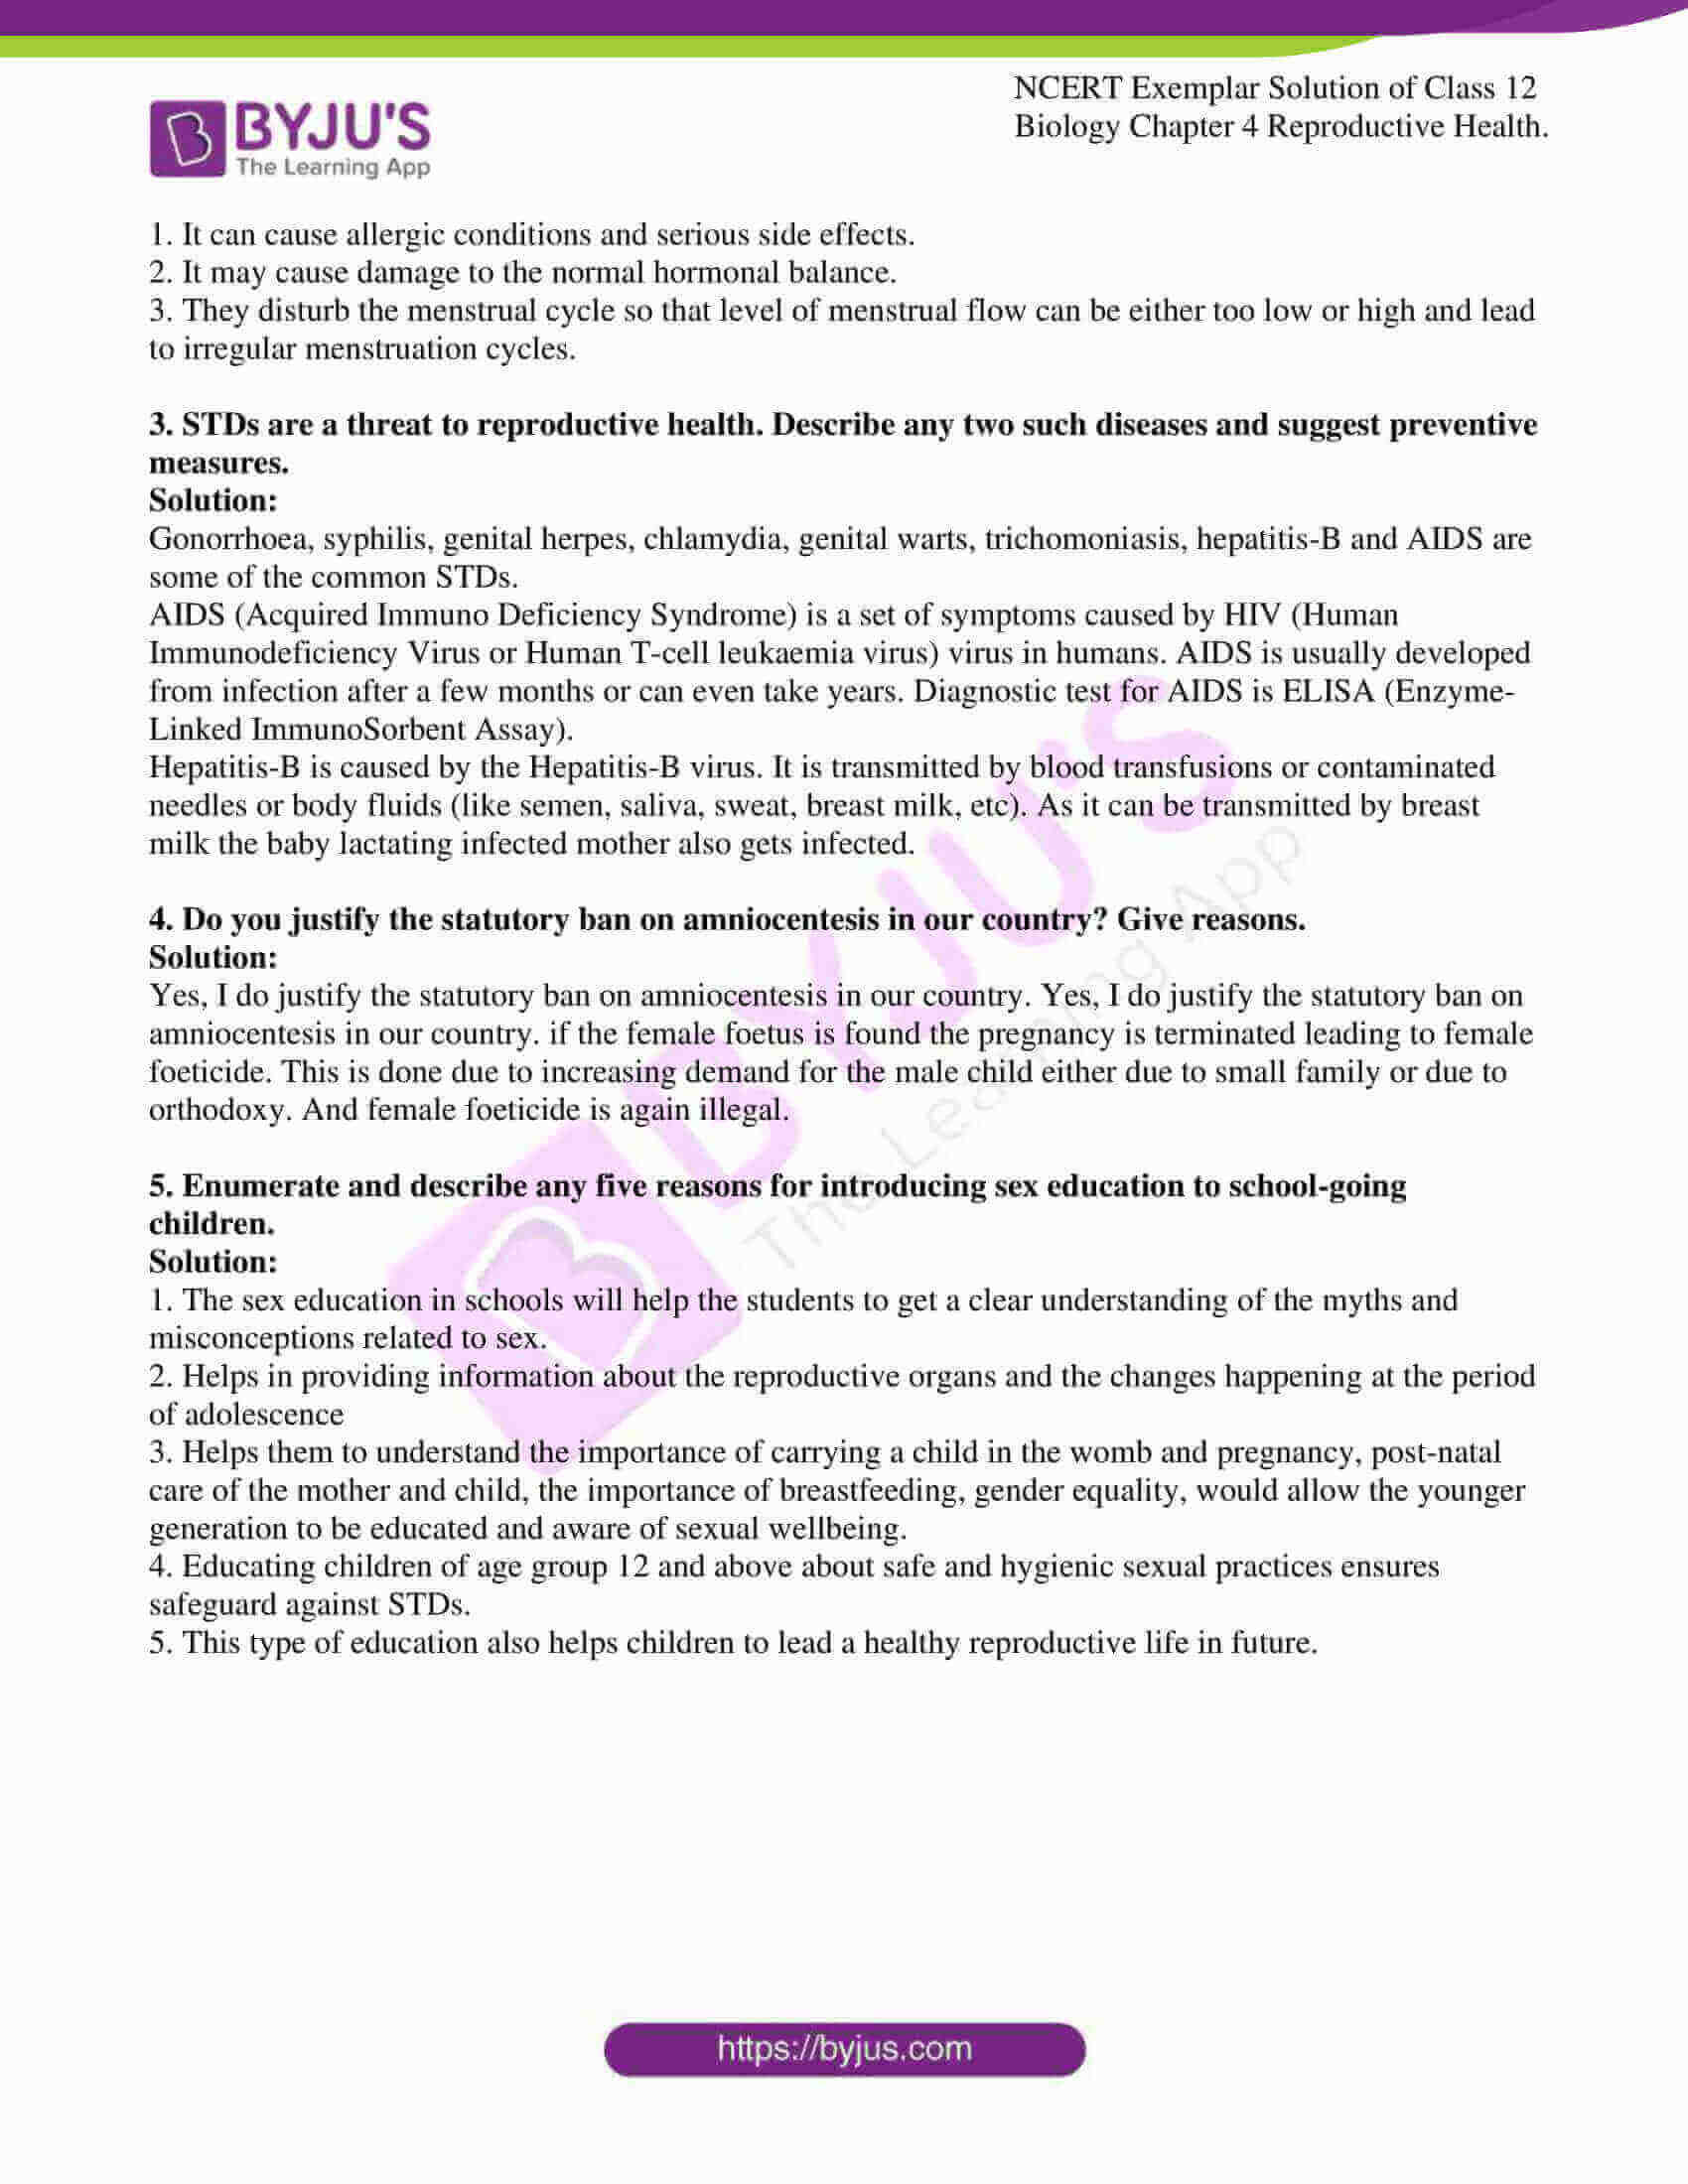 ncert exemplar solution of class 12 biology chapter 4 7